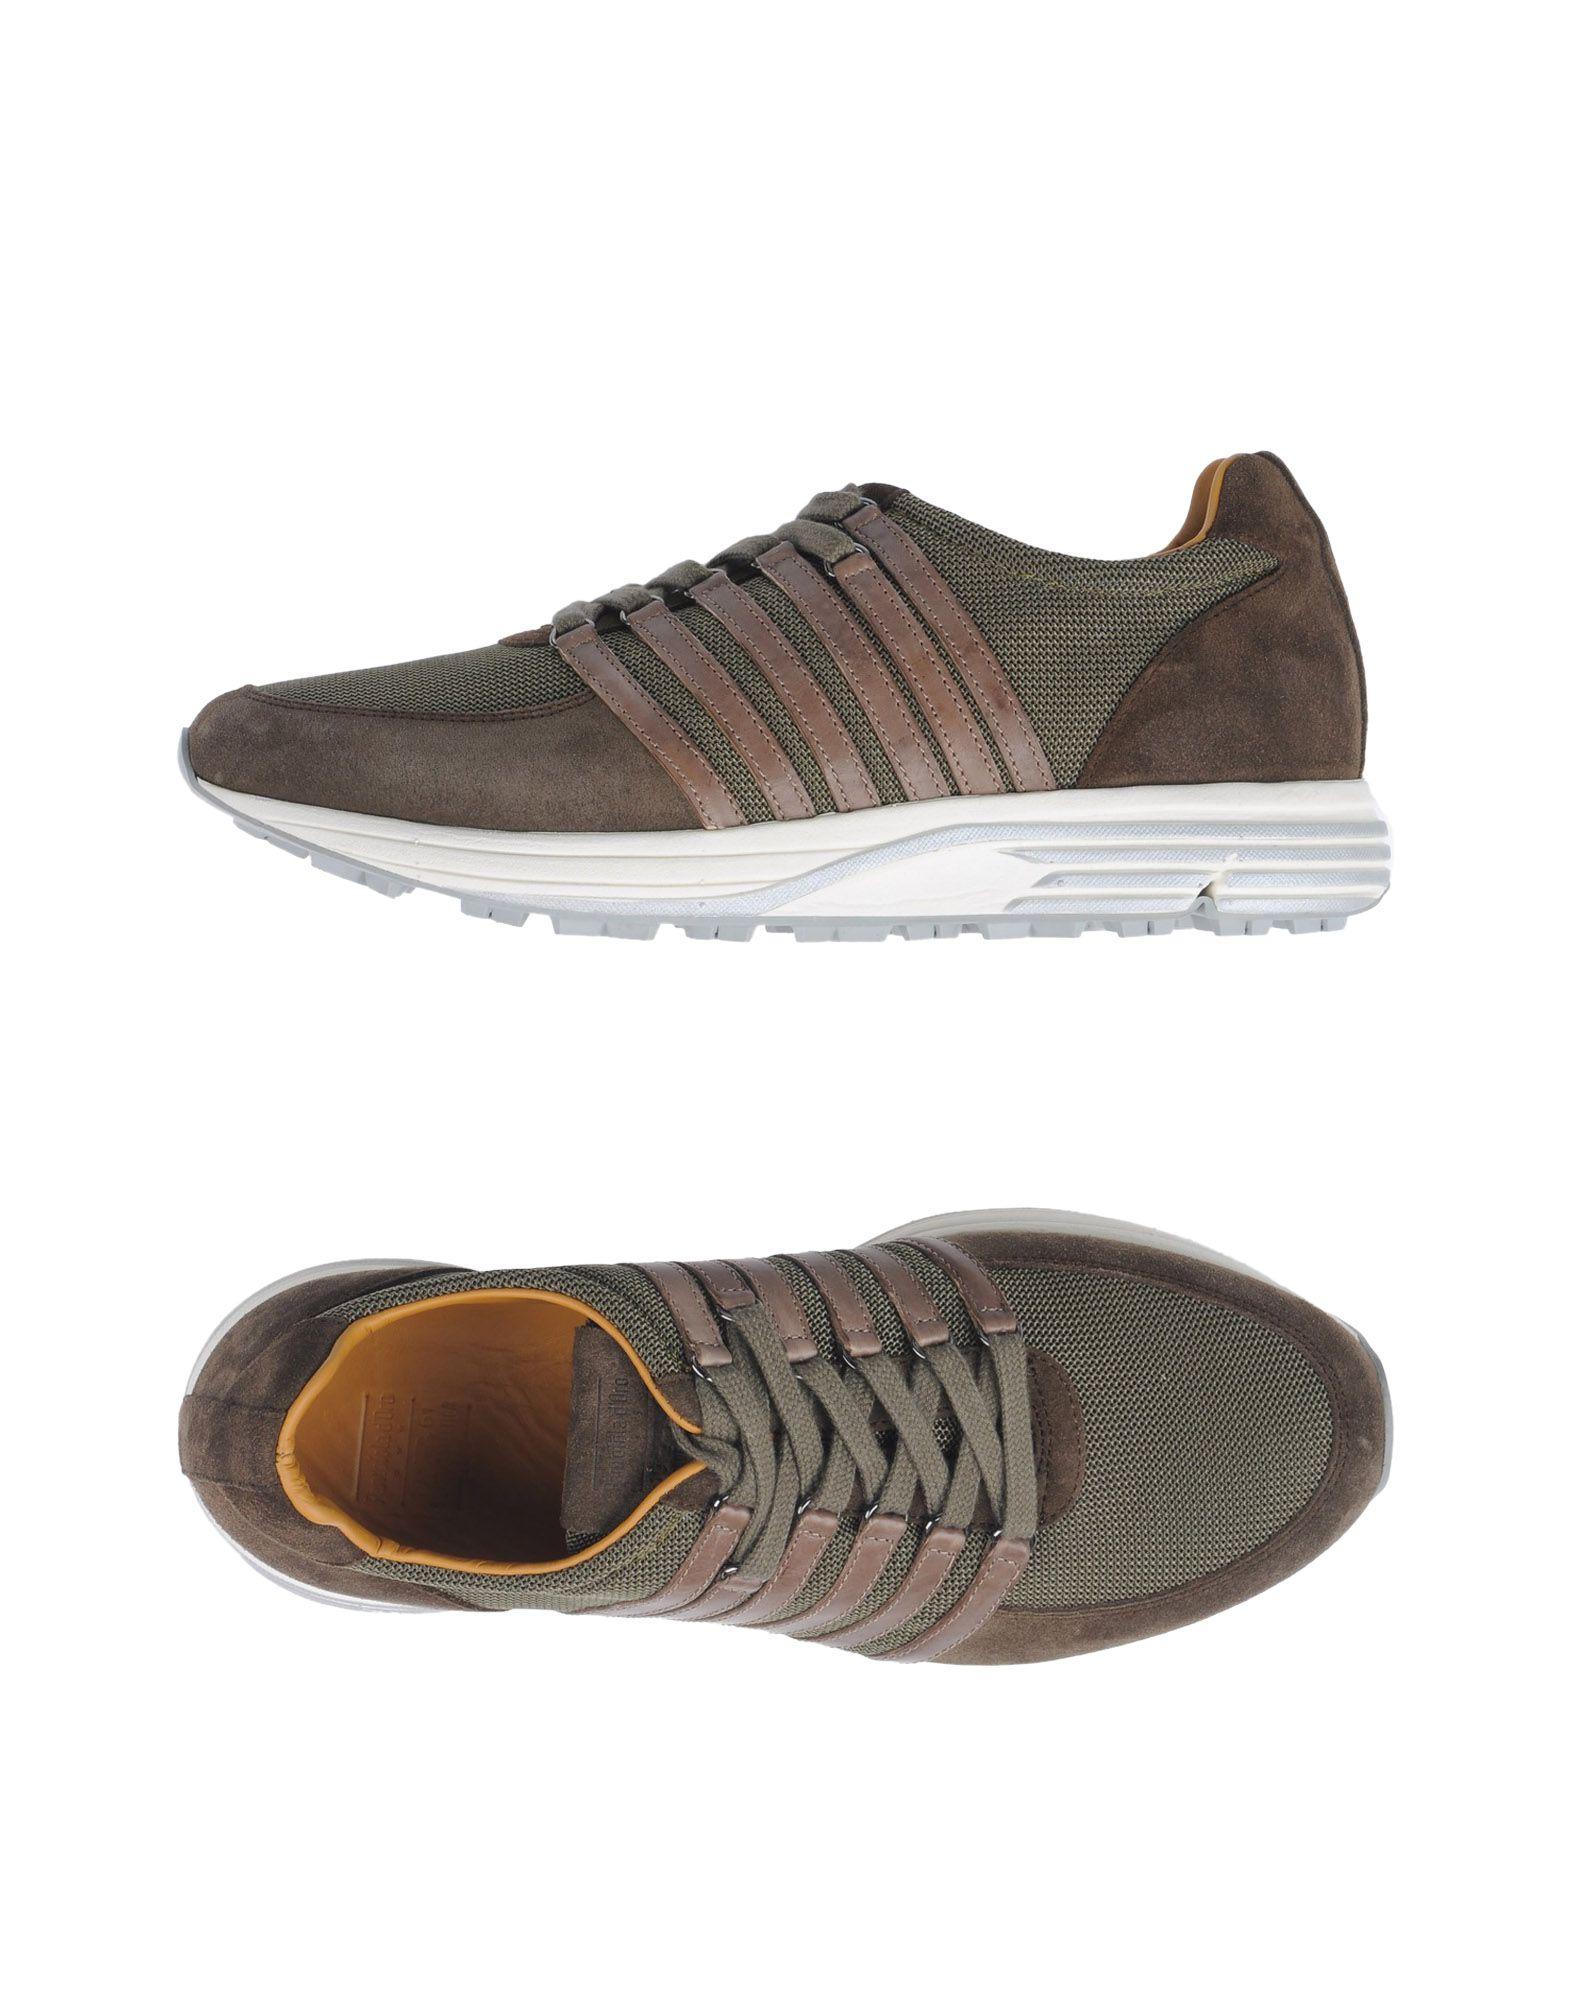 D'oro Pantofola D'oro  Sneakers Herren  11353980GG c16395